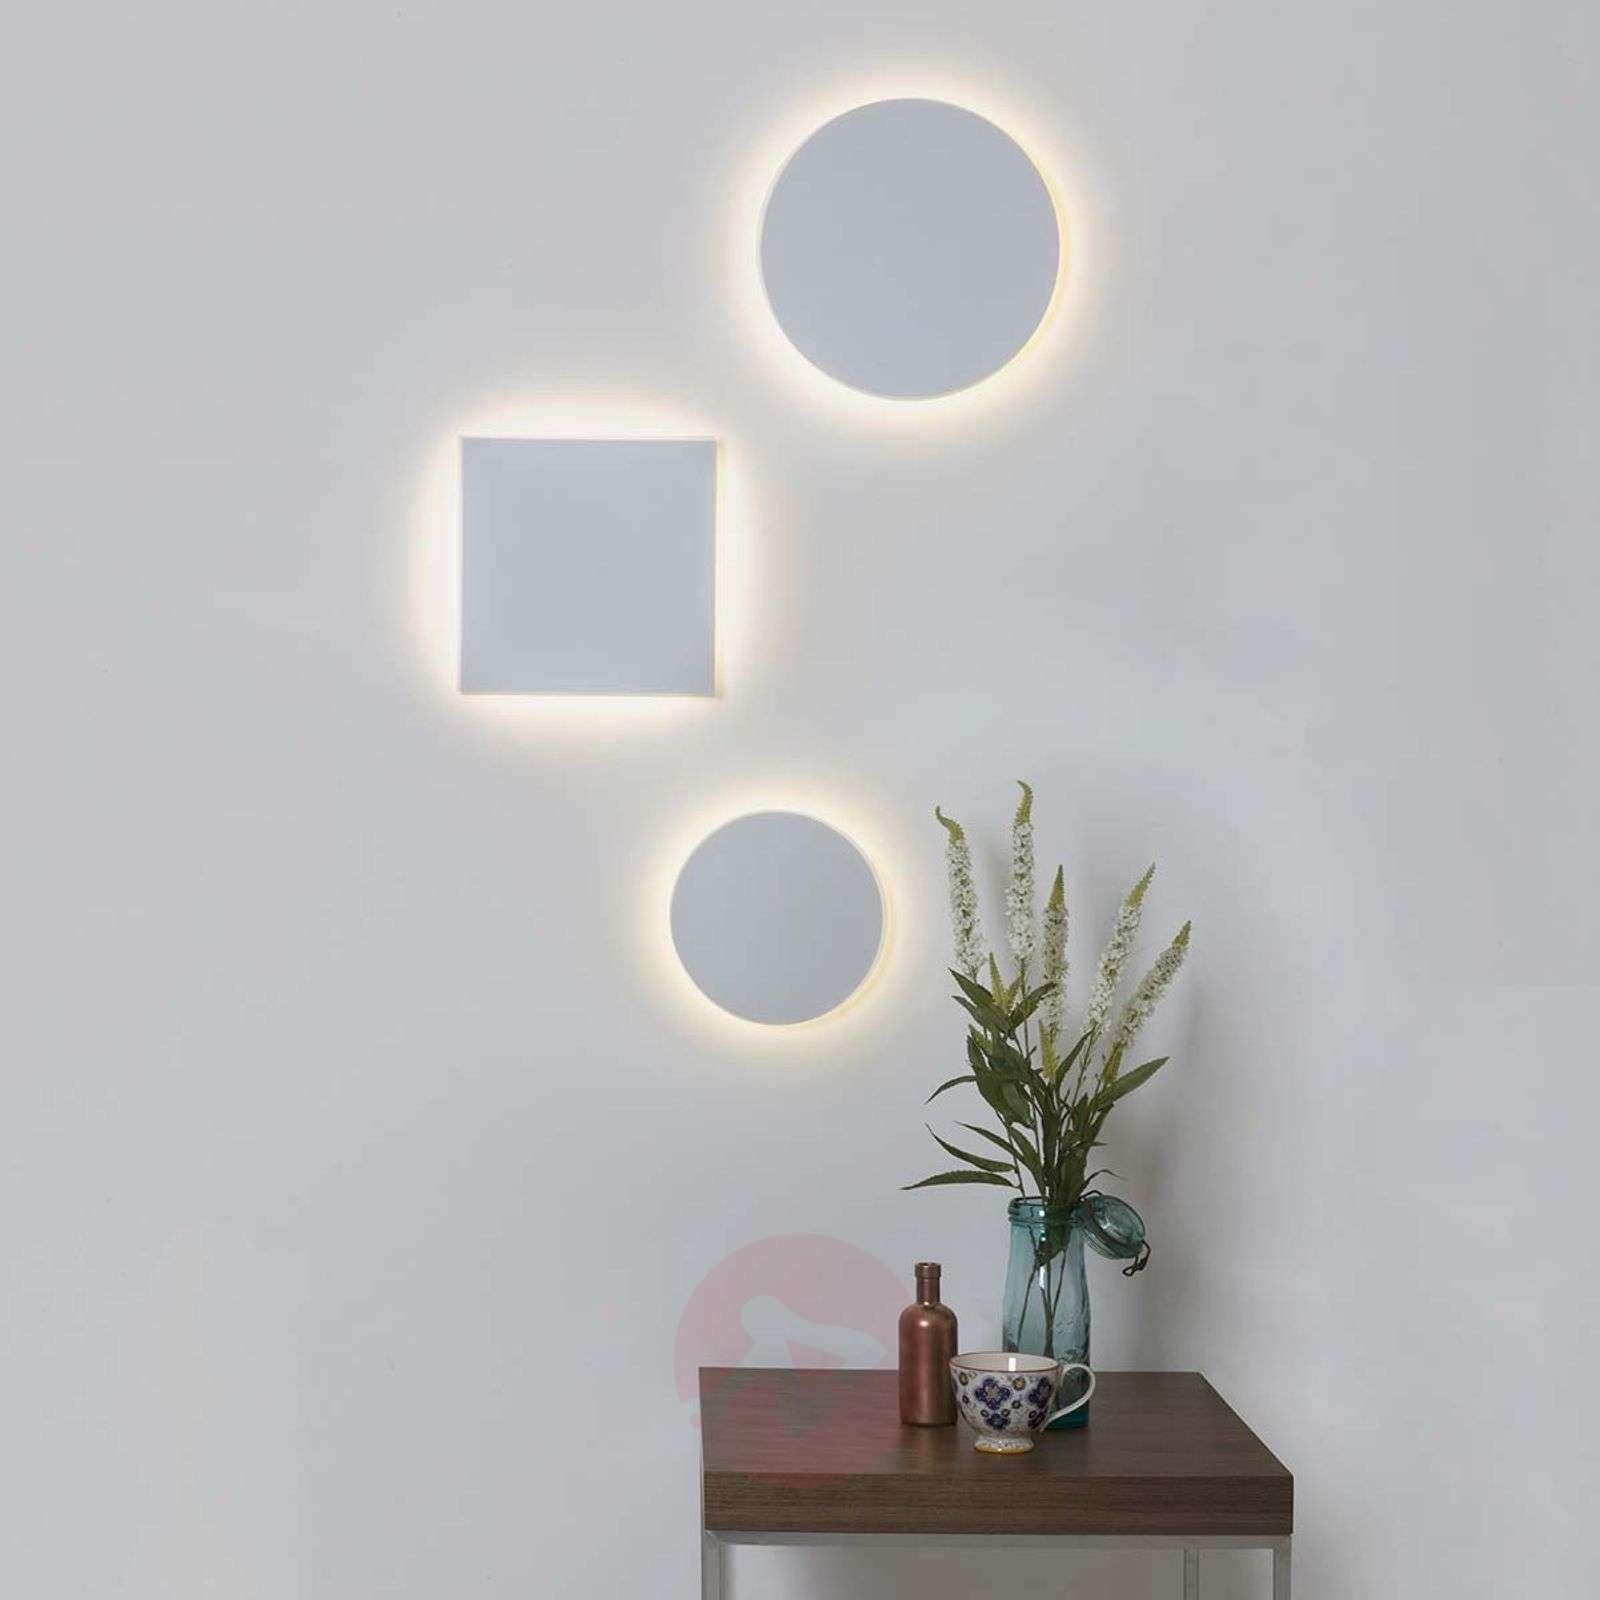 Eclipse Round LED-seinävalaisin upealla efektillä-1020525-03